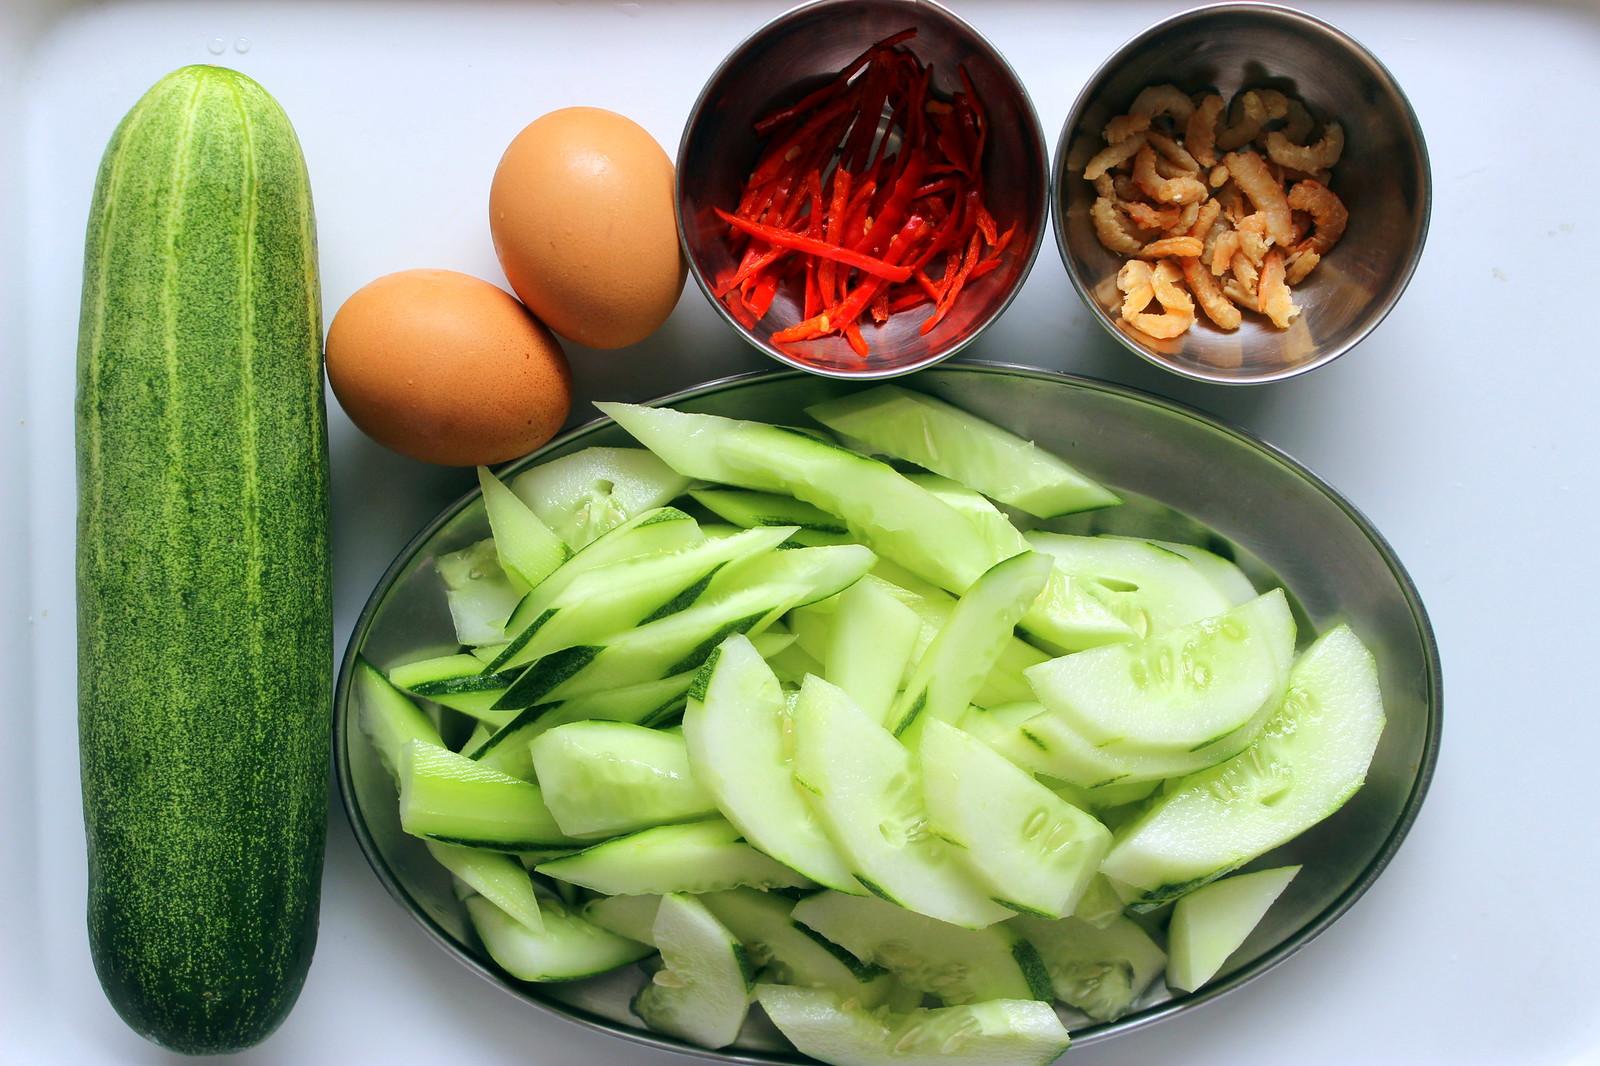 Grandma's Cucumber Stir Fry Recipe